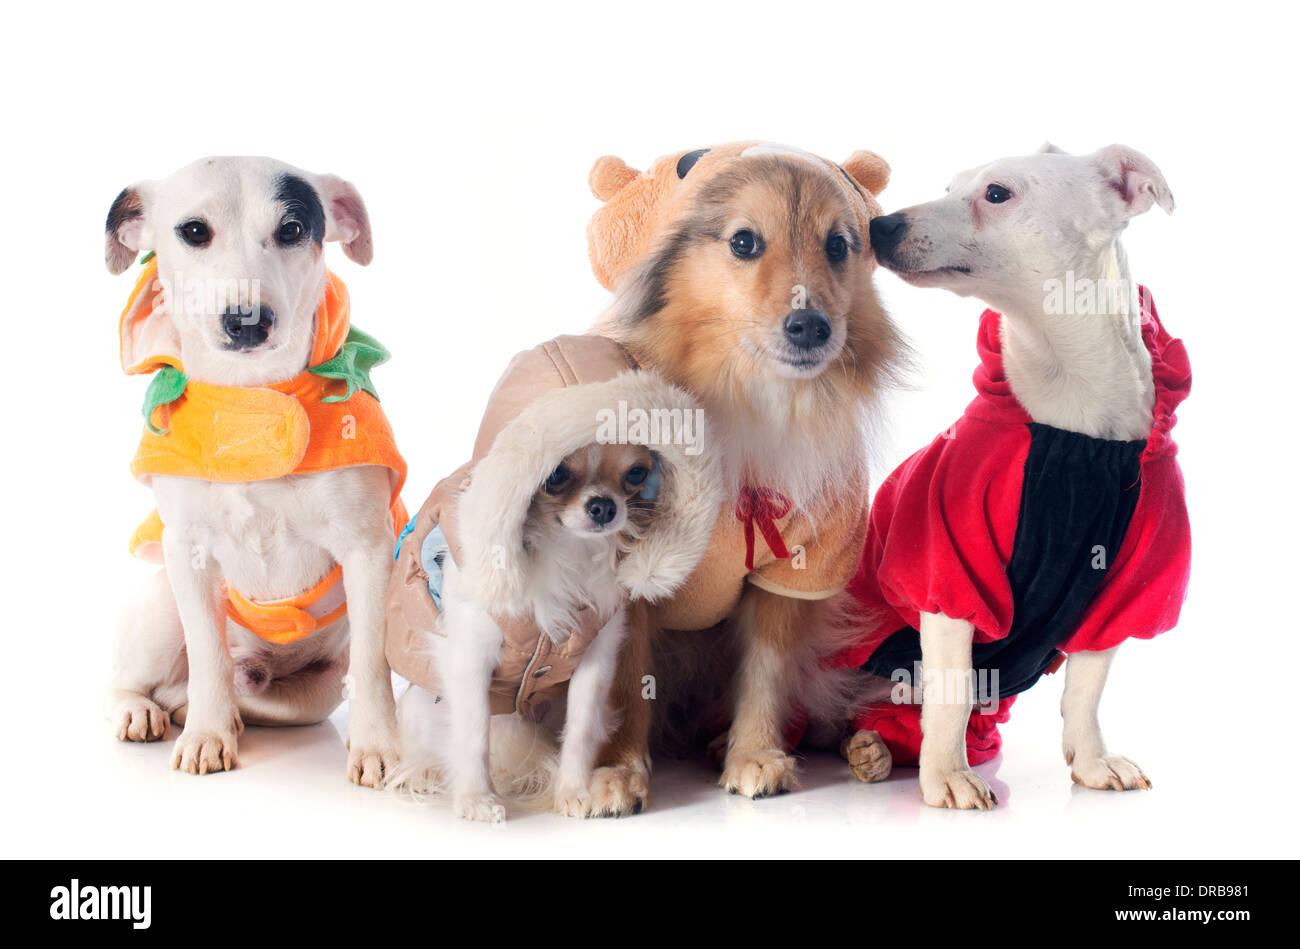 994b97372ccc Perros Vestidos Imágenes De Stock & Perros Vestidos Fotos De Stock ...